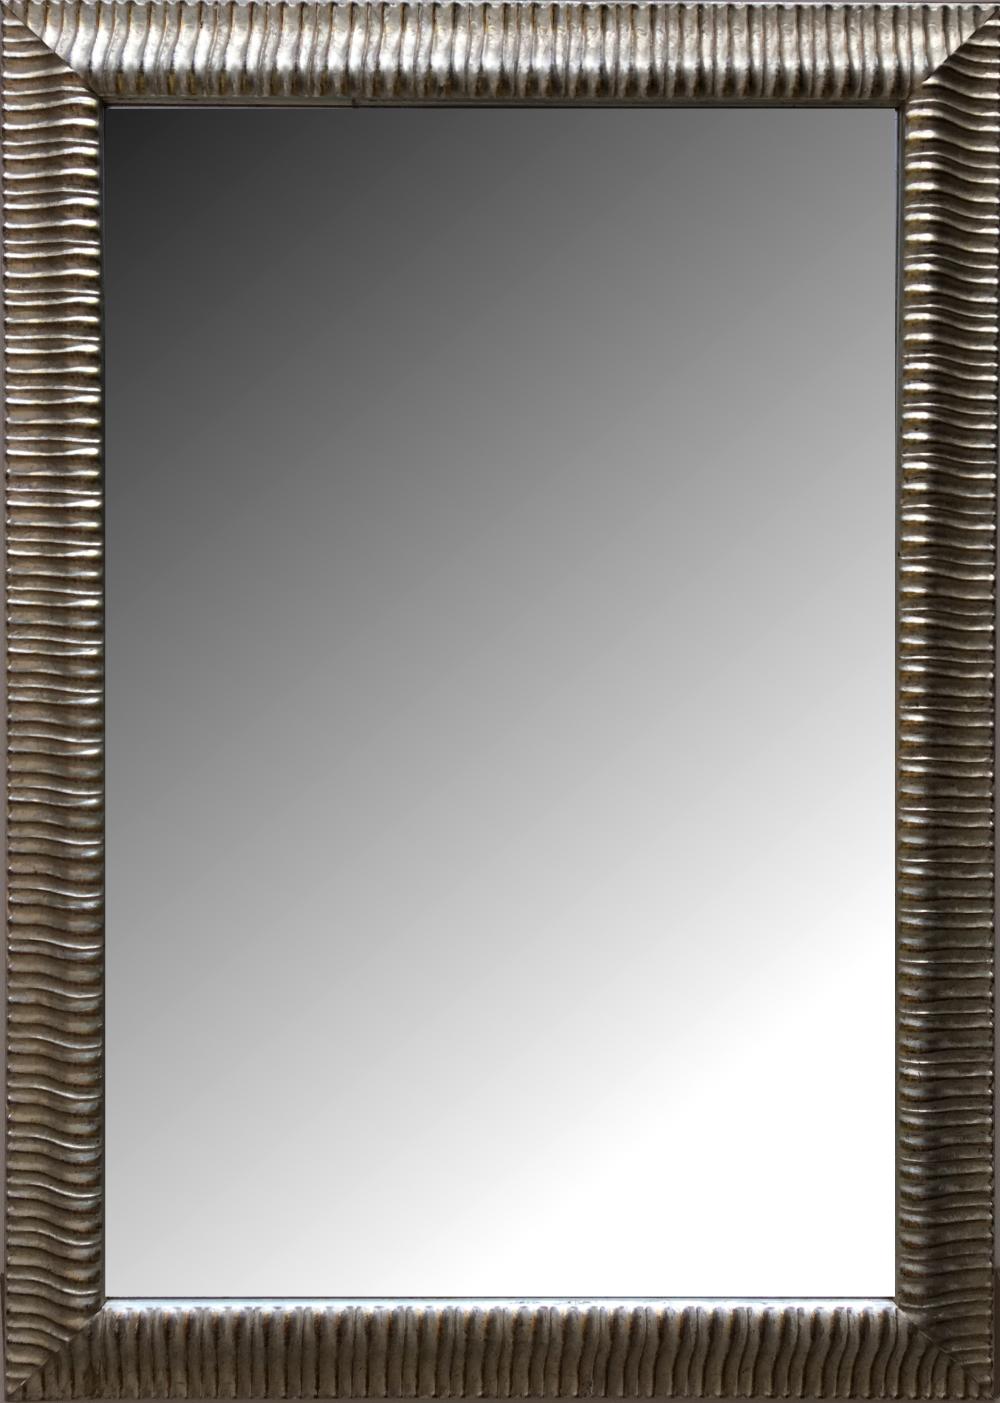 Espejo biselado estilo moderno con marco en madera modelo for Precio espejo a medida sin marco